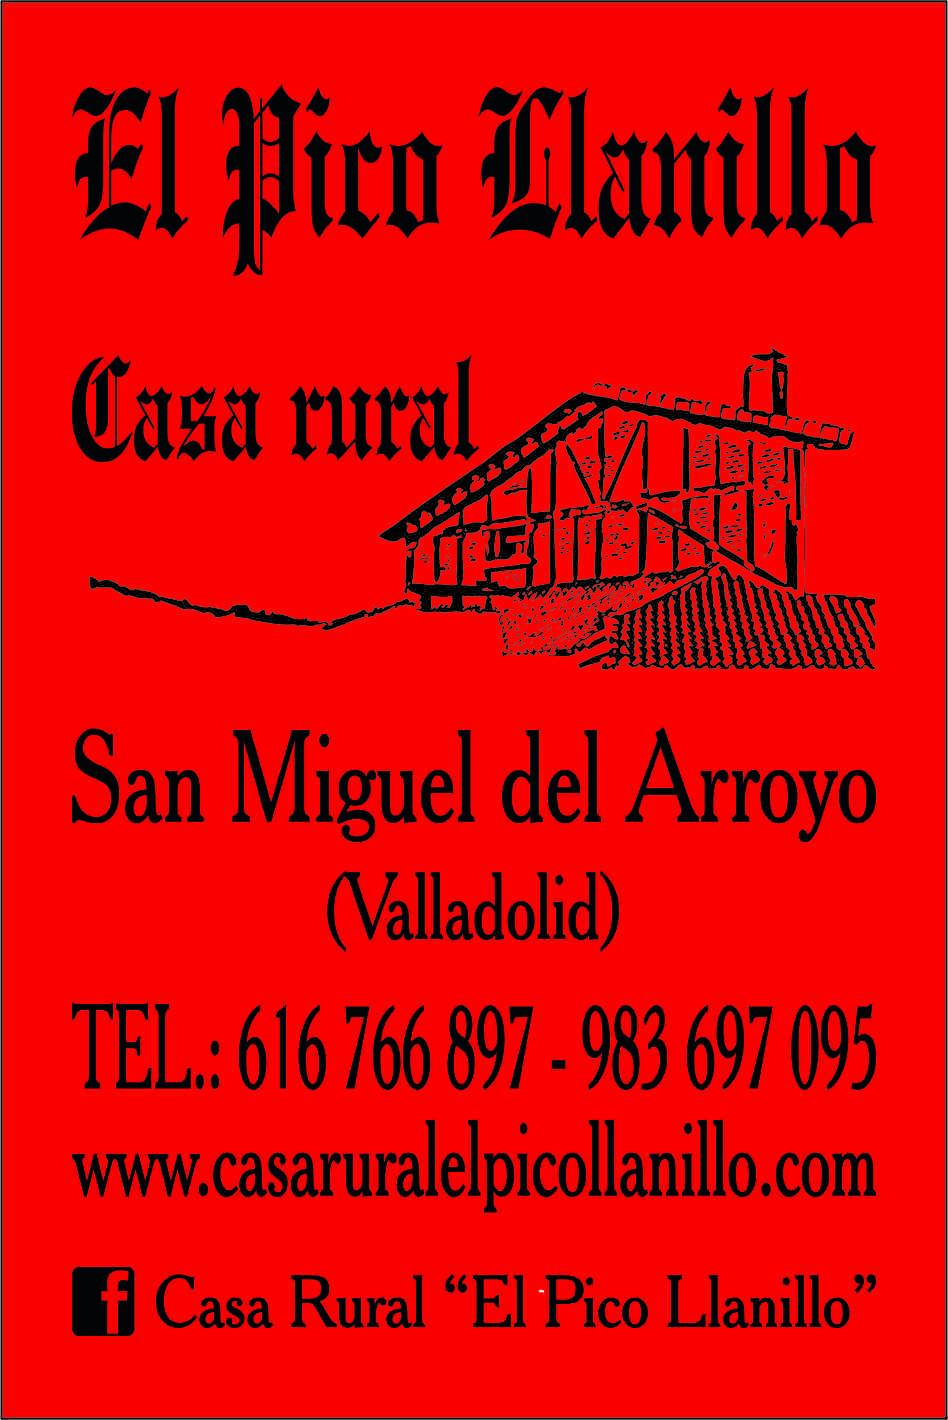 Imagen de DIEGO,                                         propietario de Casa Rural El Pico Llanillo